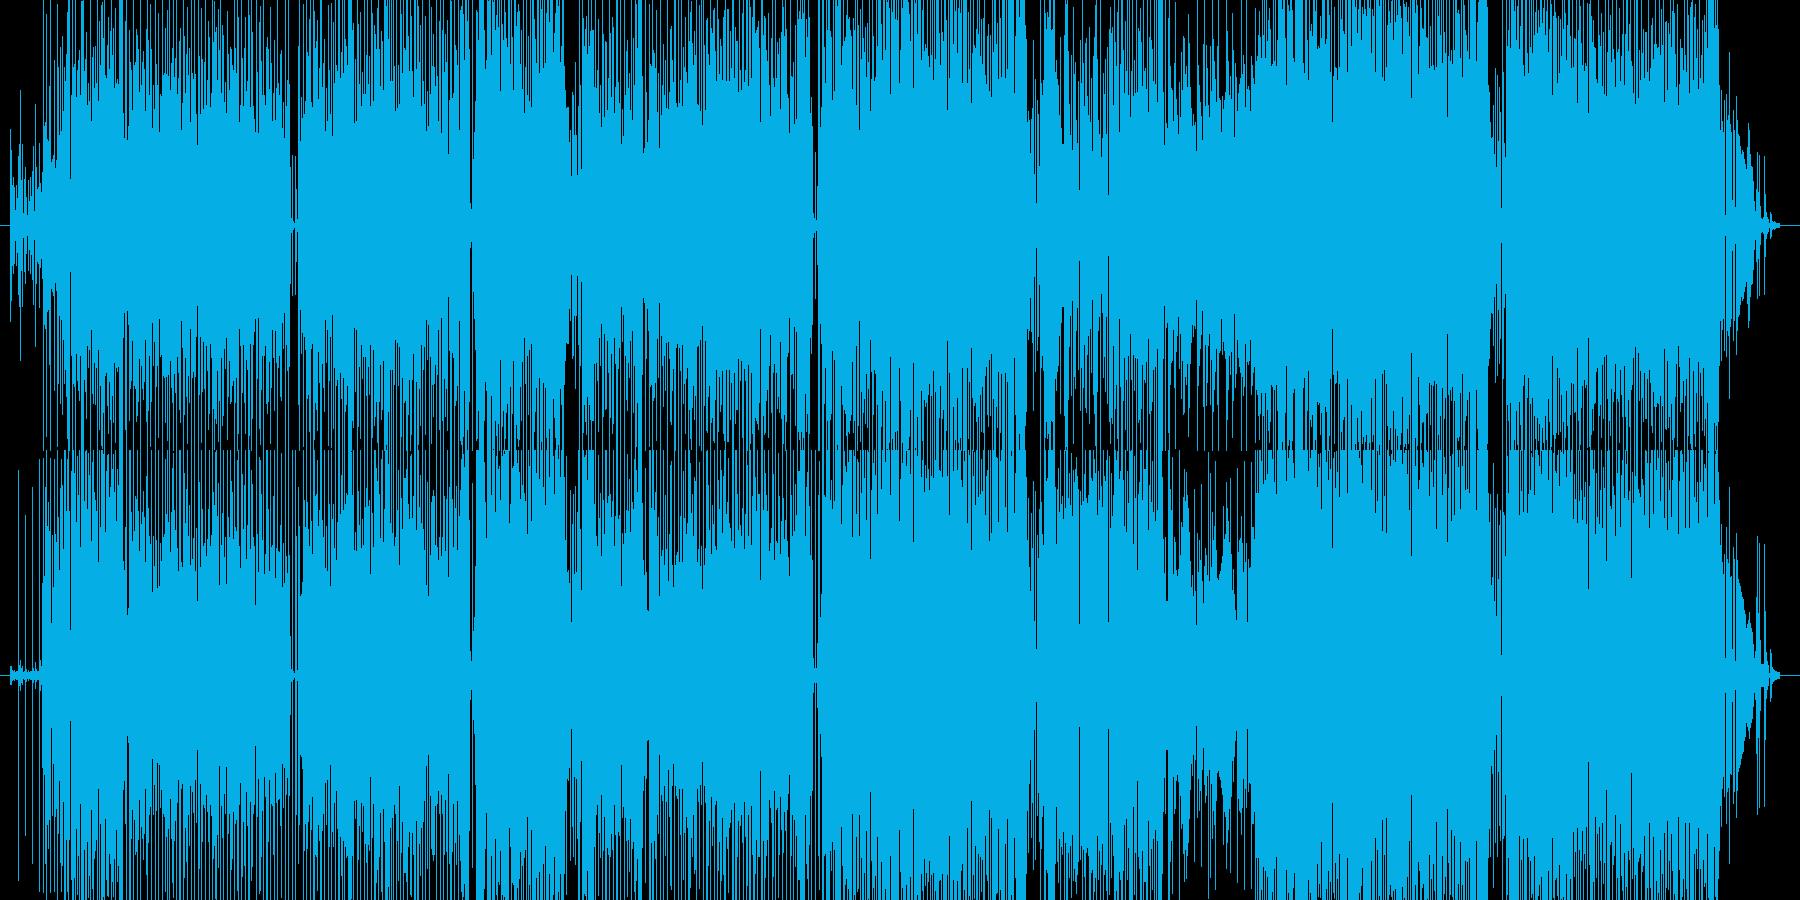 オシャレなギターサウンドによるファンクの再生済みの波形